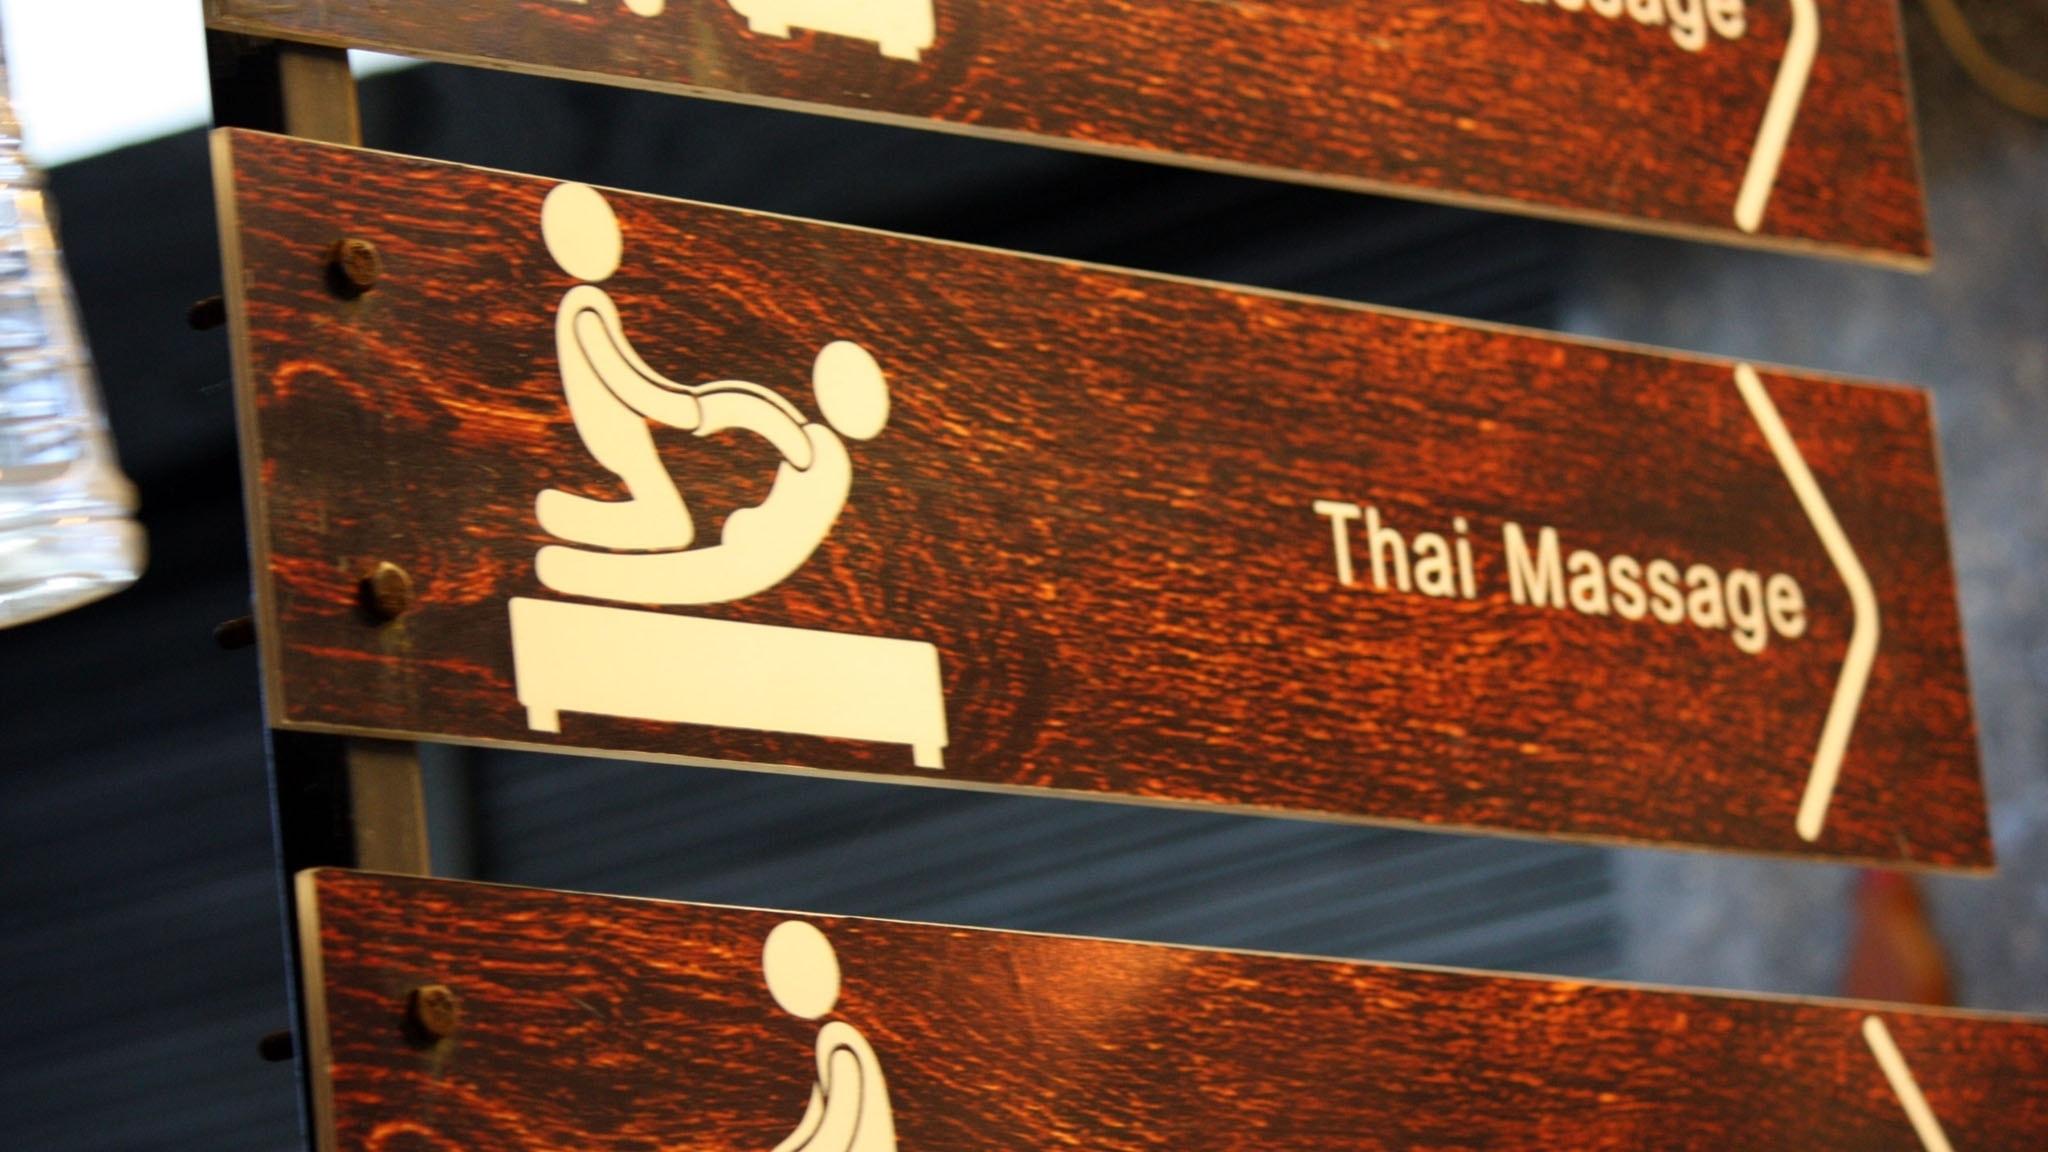 Fastighetsägare för thaimassagesalonger riskerar åtal för koppleri - Nyheter (Ekot)